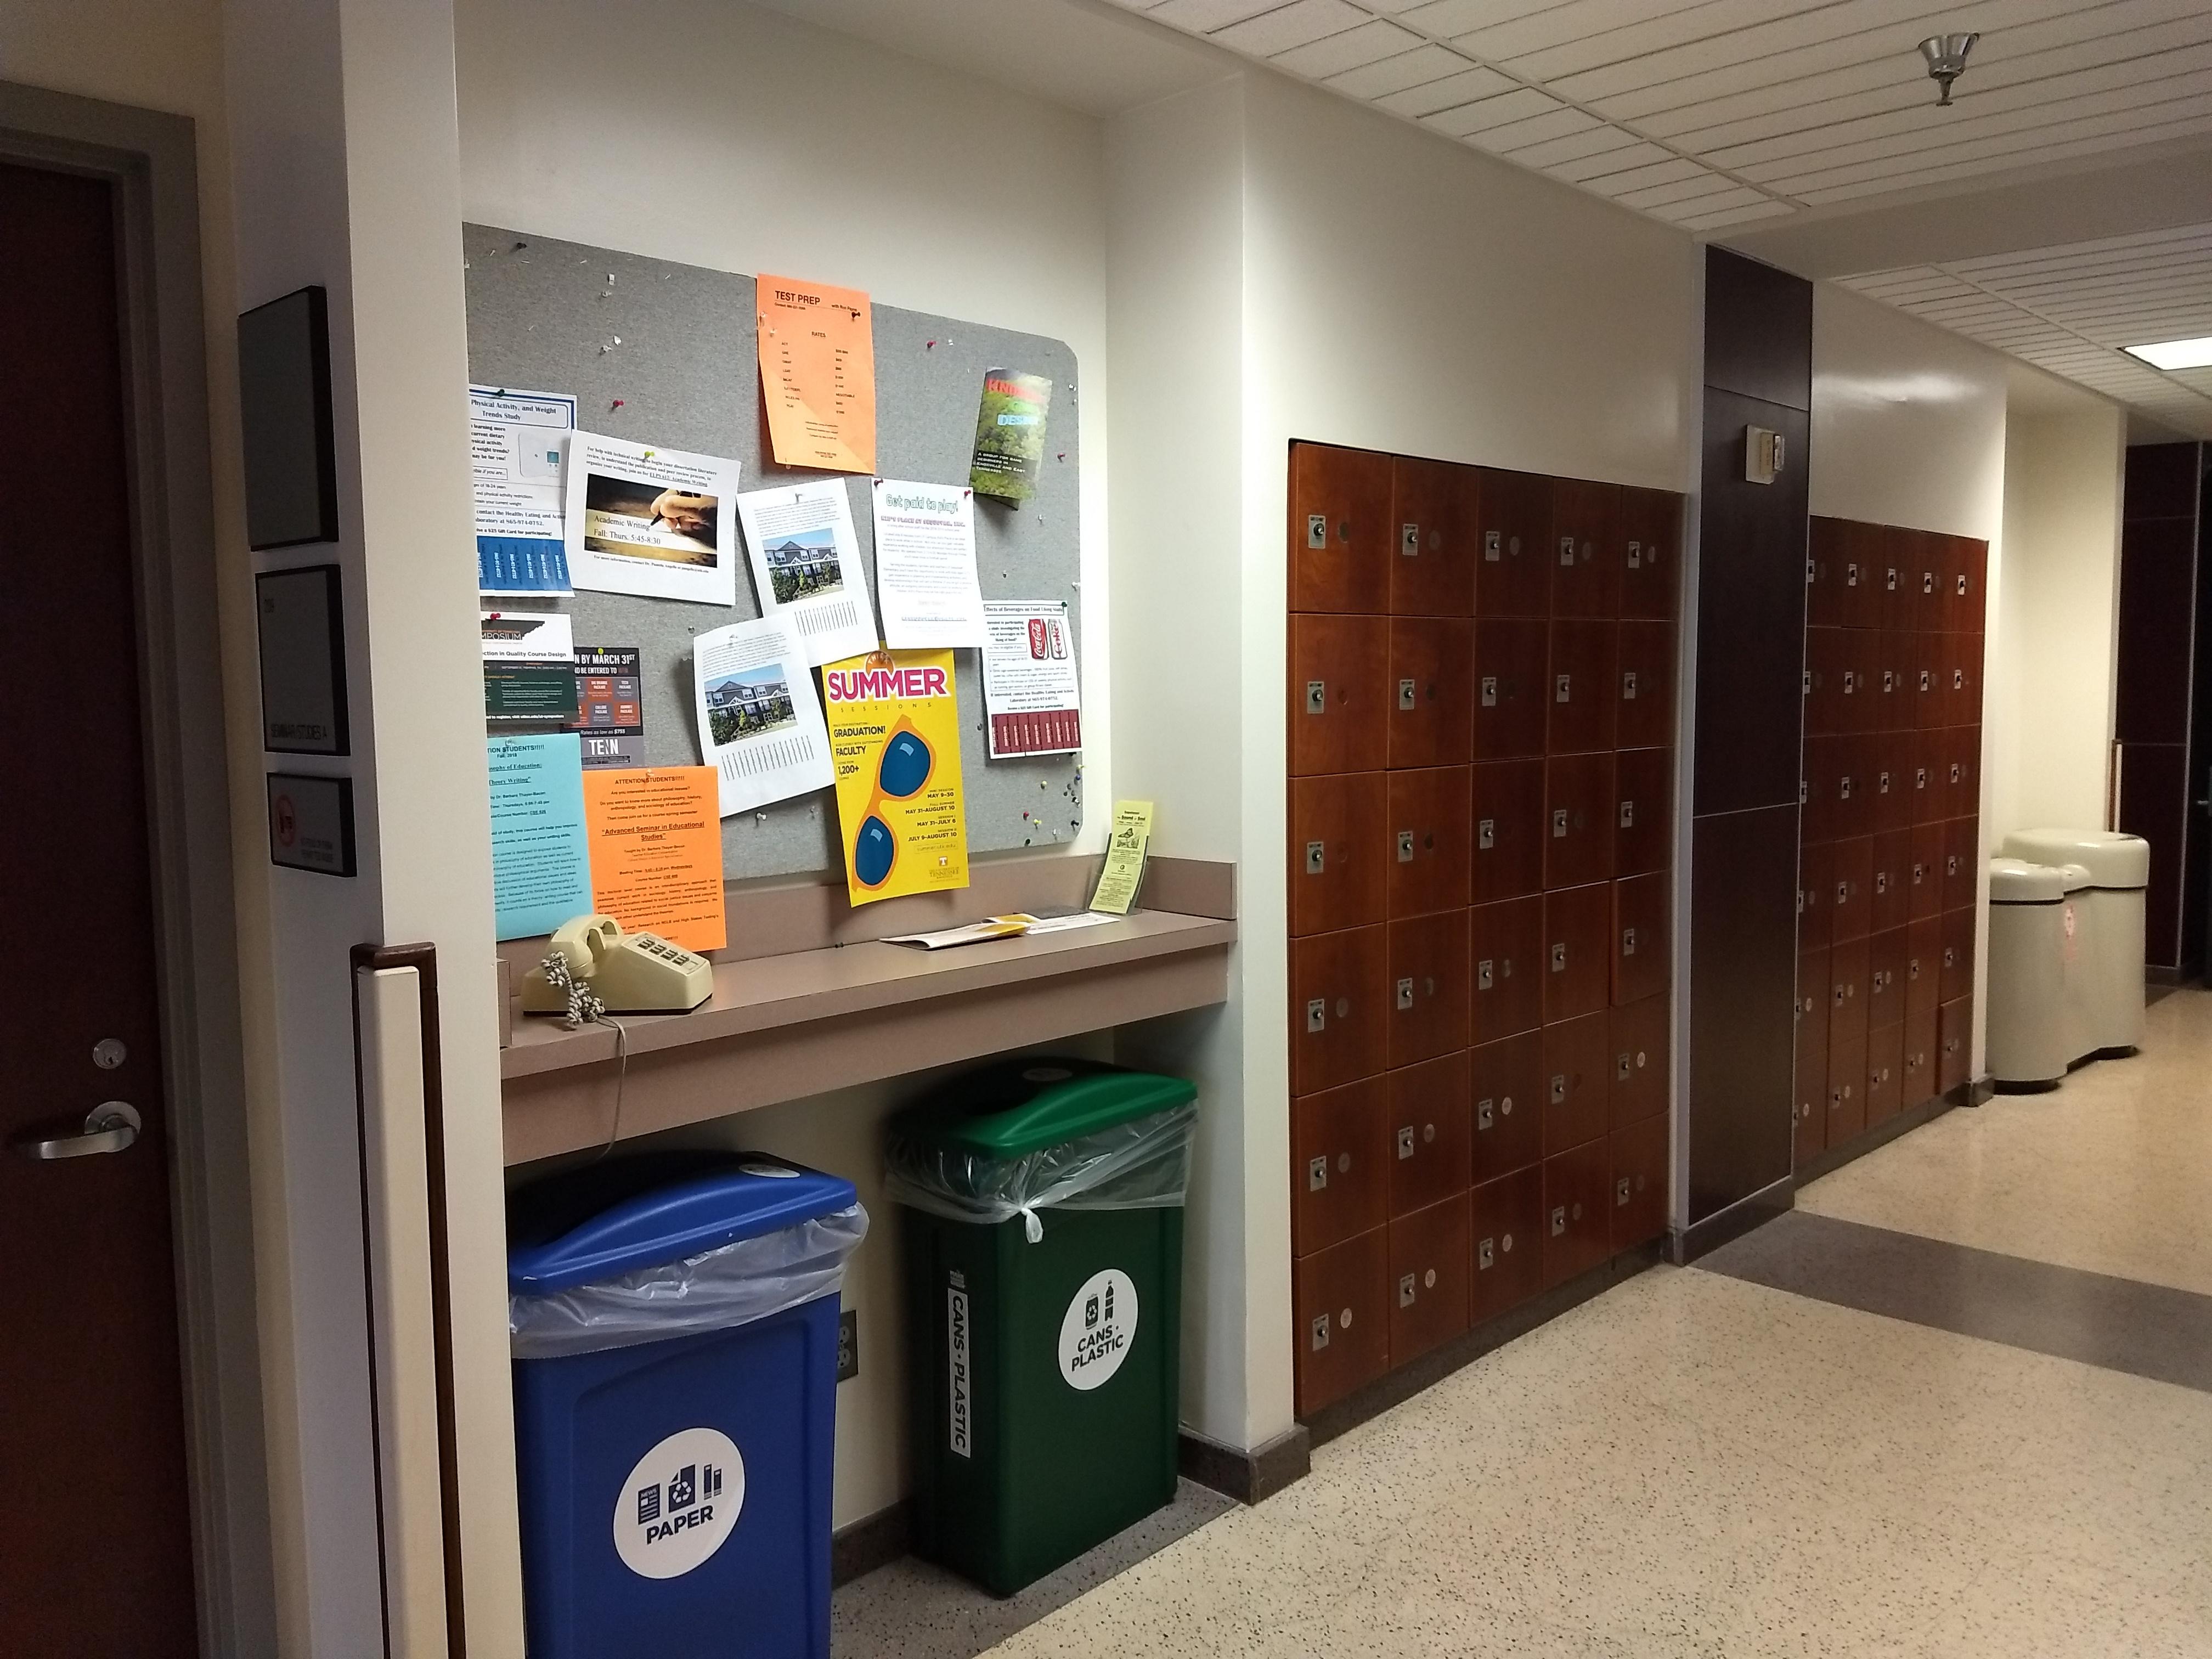 2nd floor lounge area near lockers